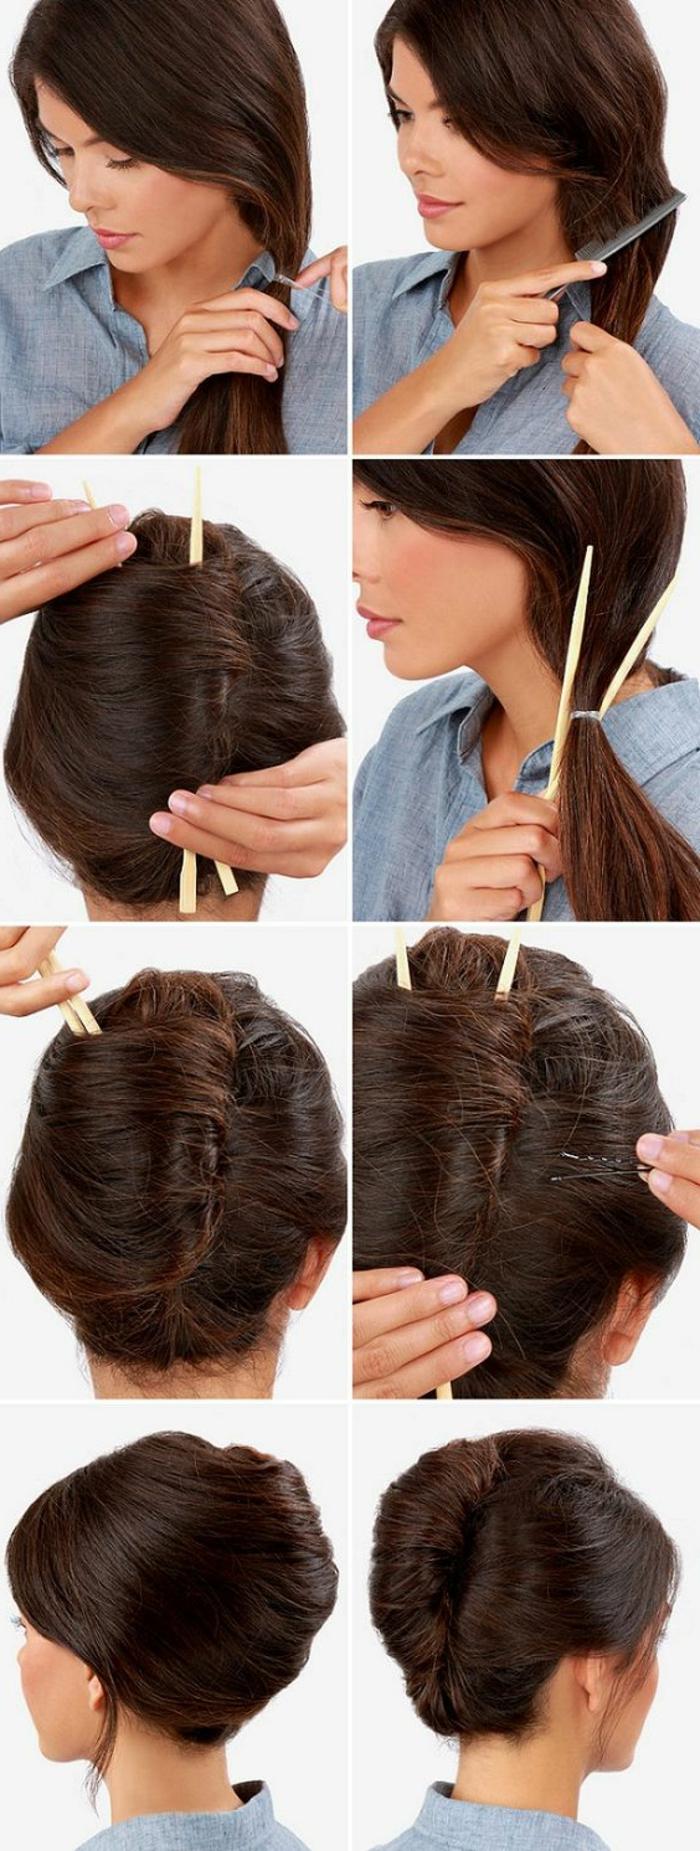 coiffure chignon facile, faire un chignon avec deux batons